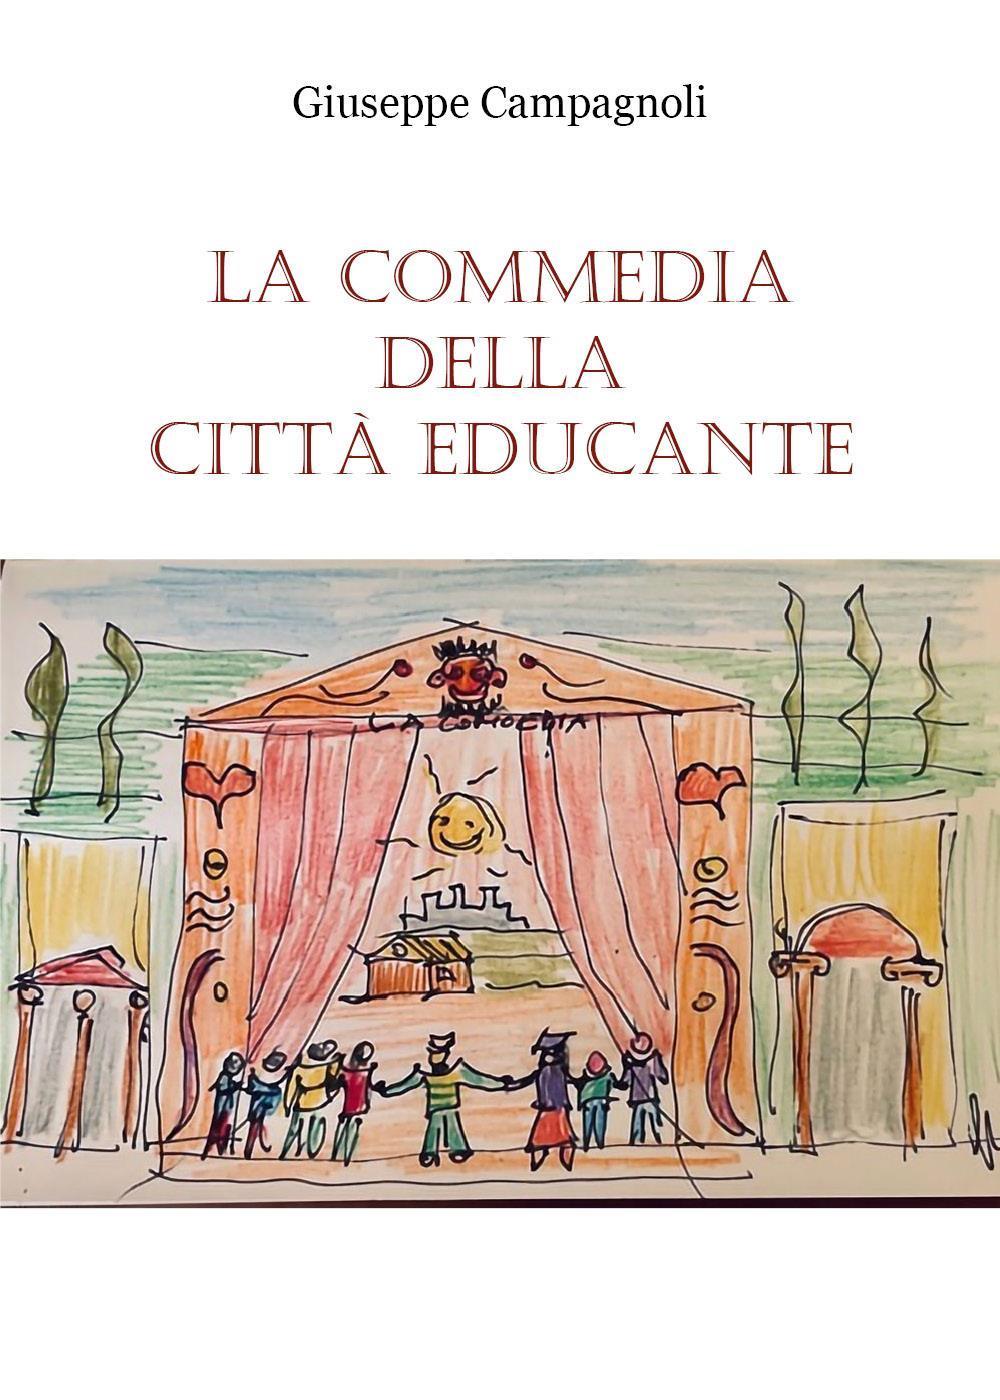 La Commedia della città educante. Un canovaccio per una messa in scena dell'educazione diffusa